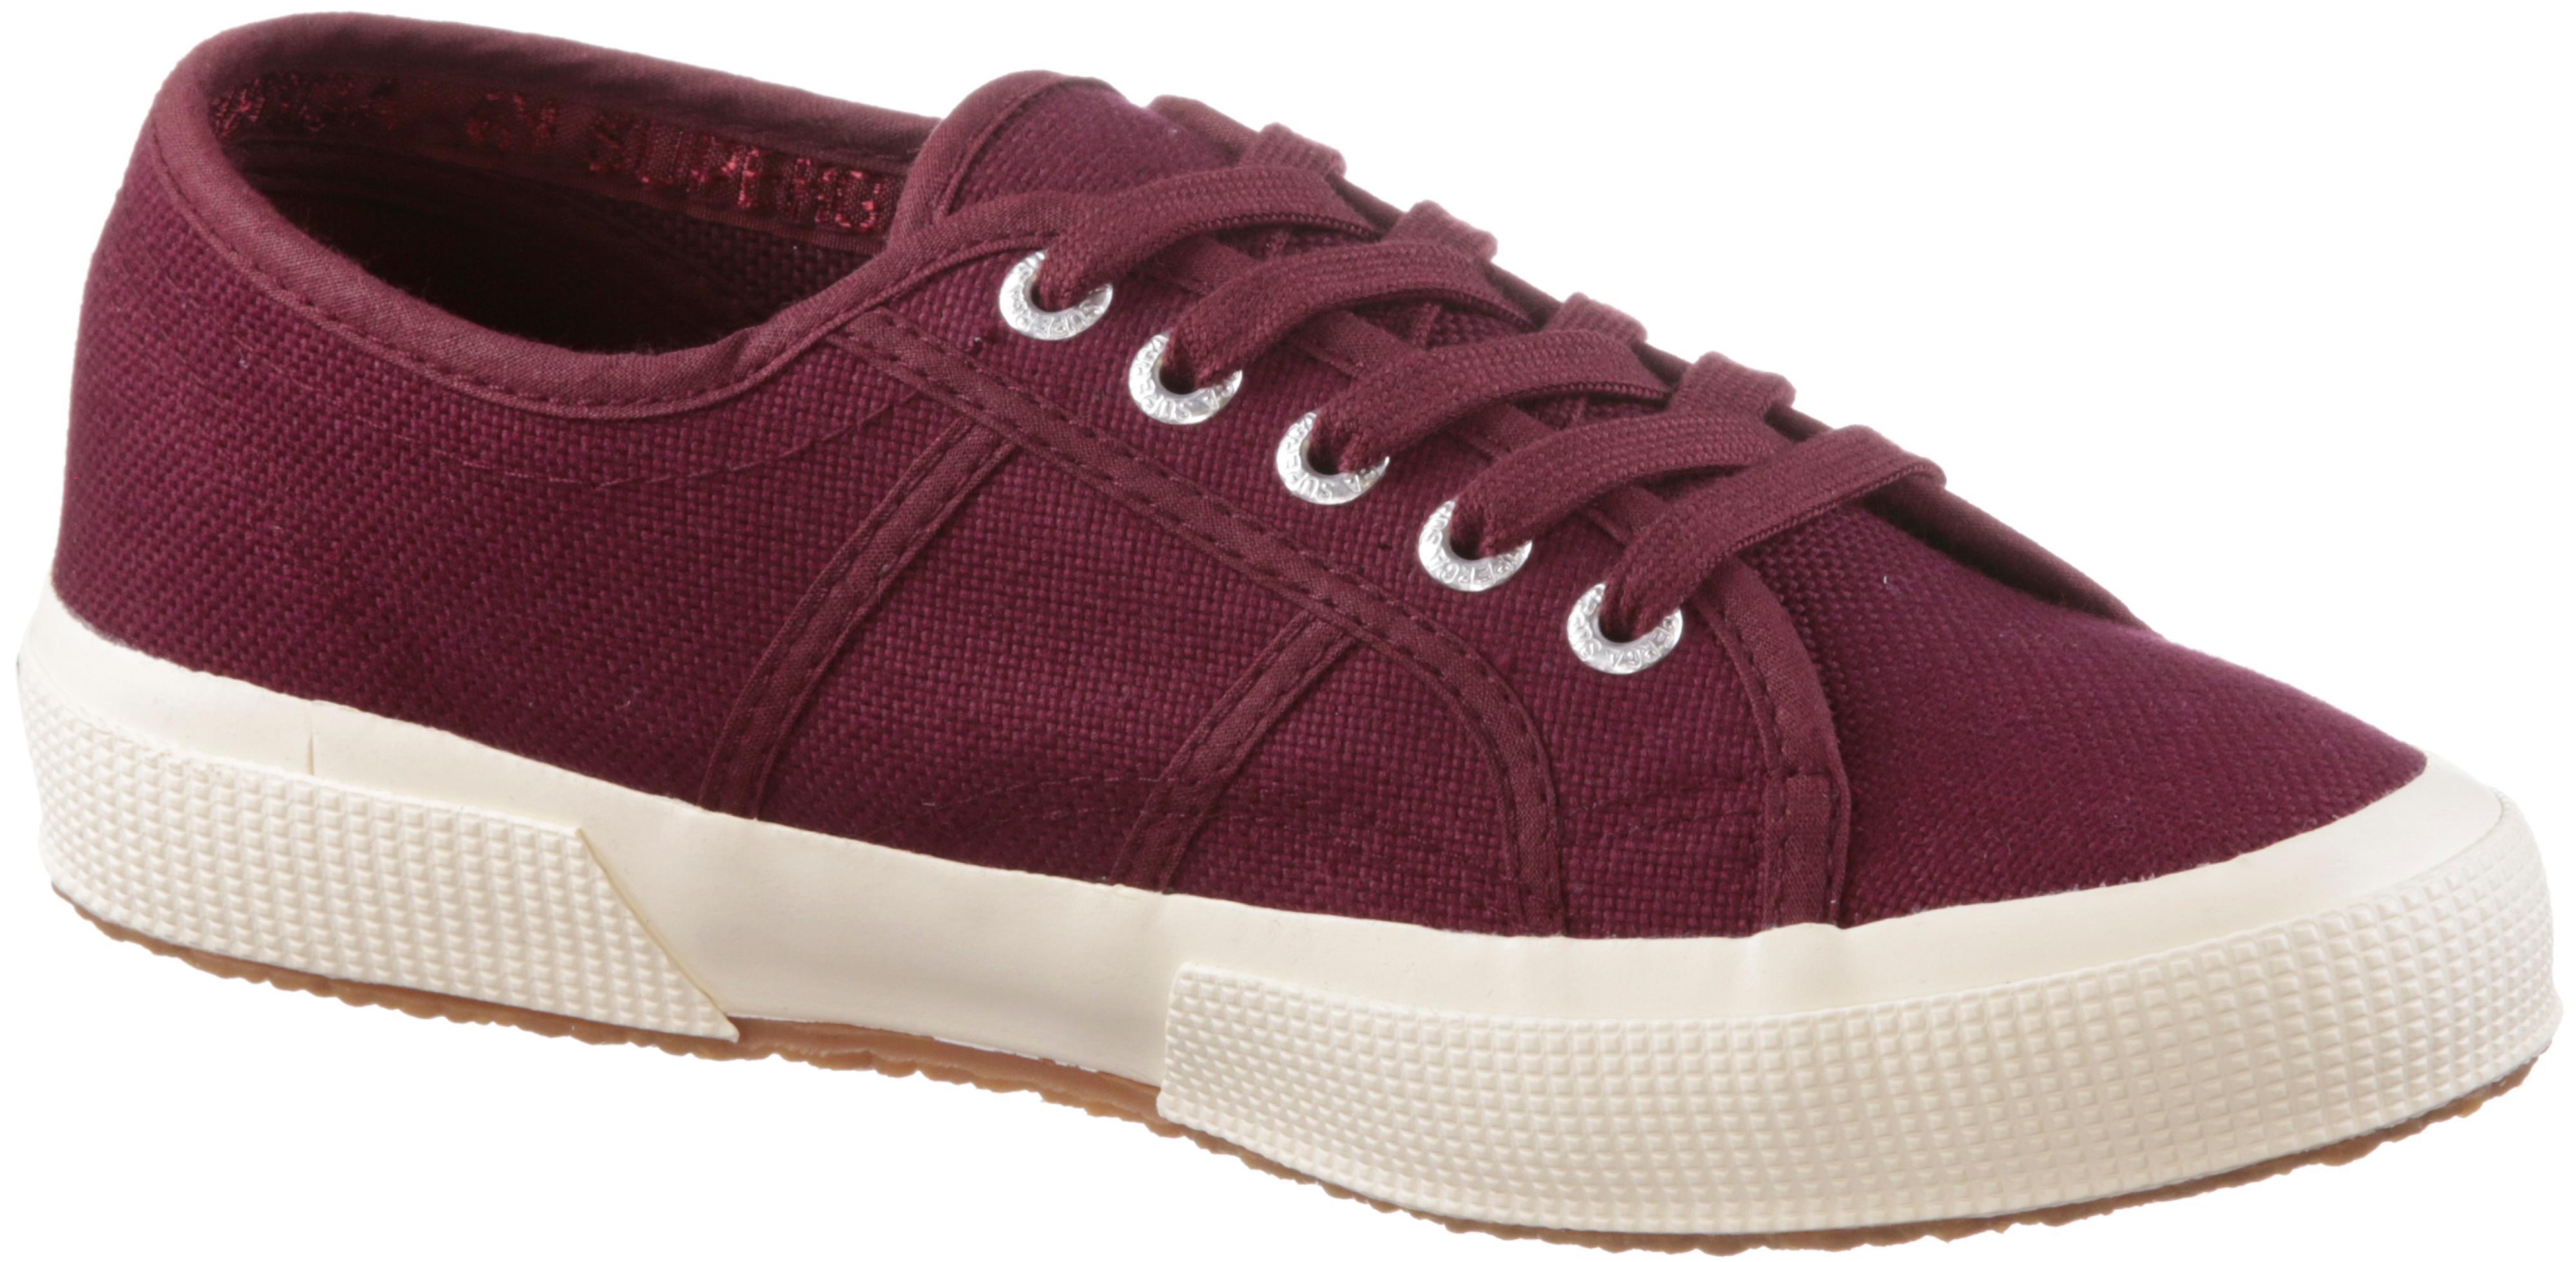 Superga Cotu Classic Turnschuhe Damen weiß SportScheck im Online Shop von SportScheck weiß kaufen Gute Qualität beliebte Schuhe b0c5f6